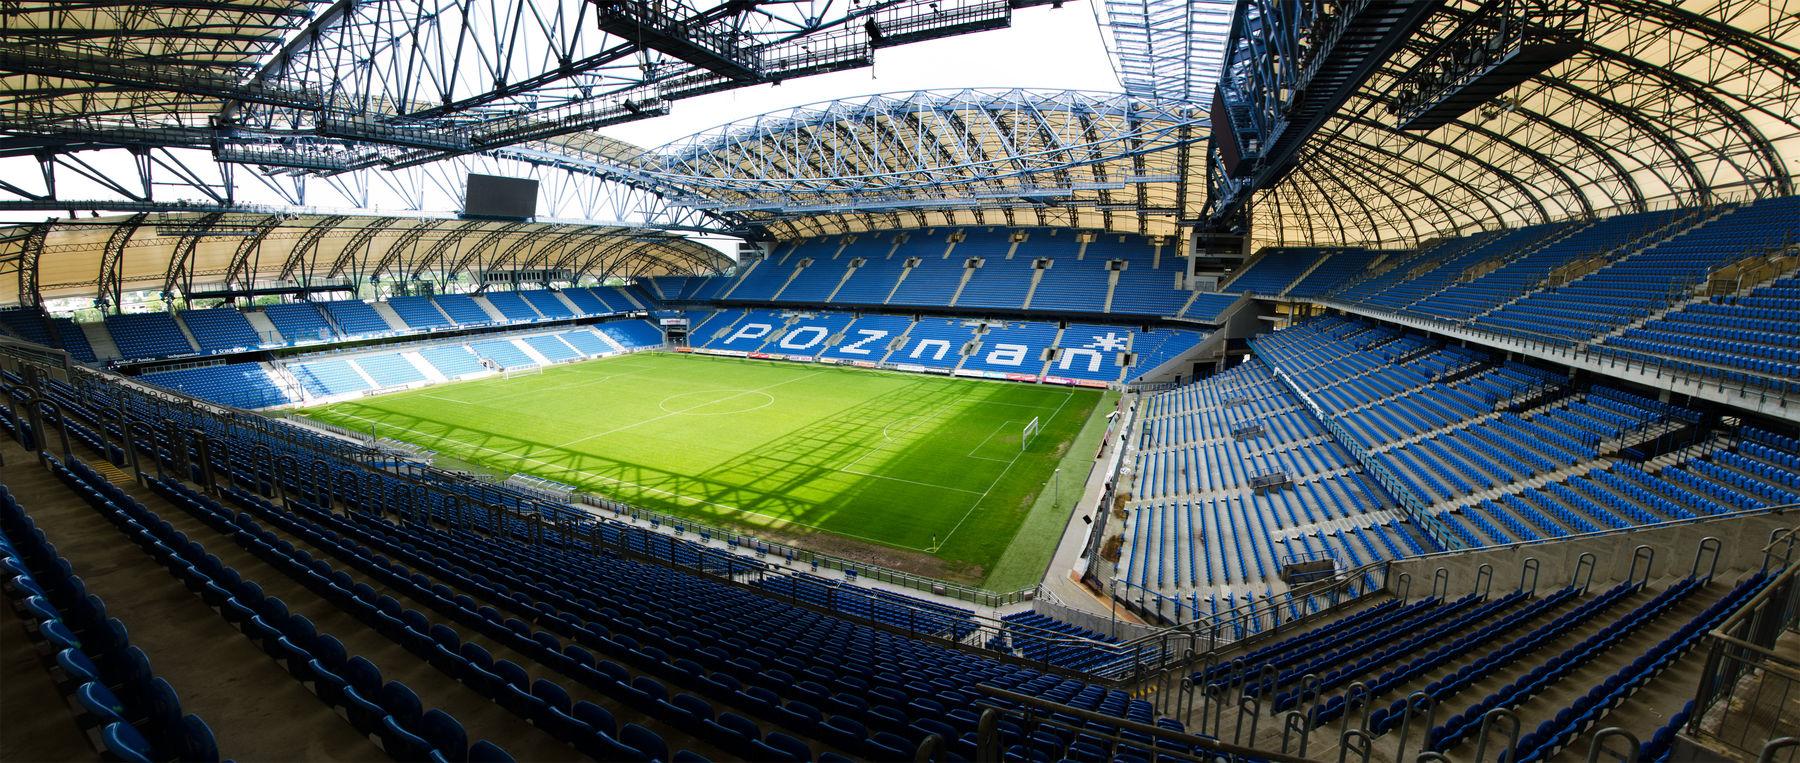 Das würde den FC Basel in Posen erwarten: Die Inea-Arena mit ihren 43'000 Plätzen. Für die Euro 2012 wurde das Stadion komplett modernisiert.